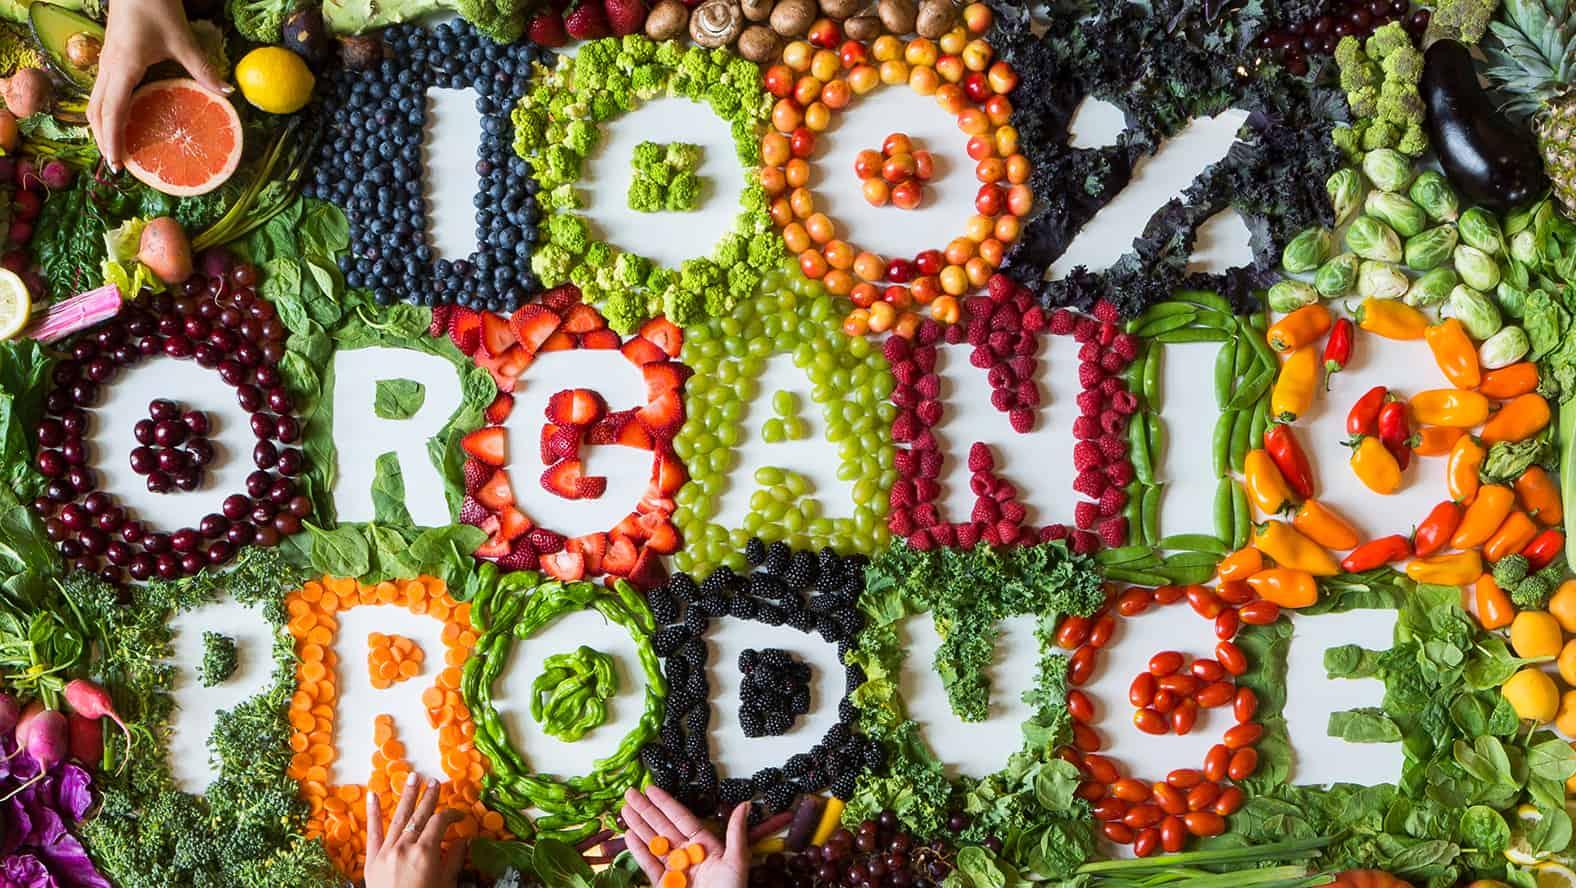 NG-OrganicProduce